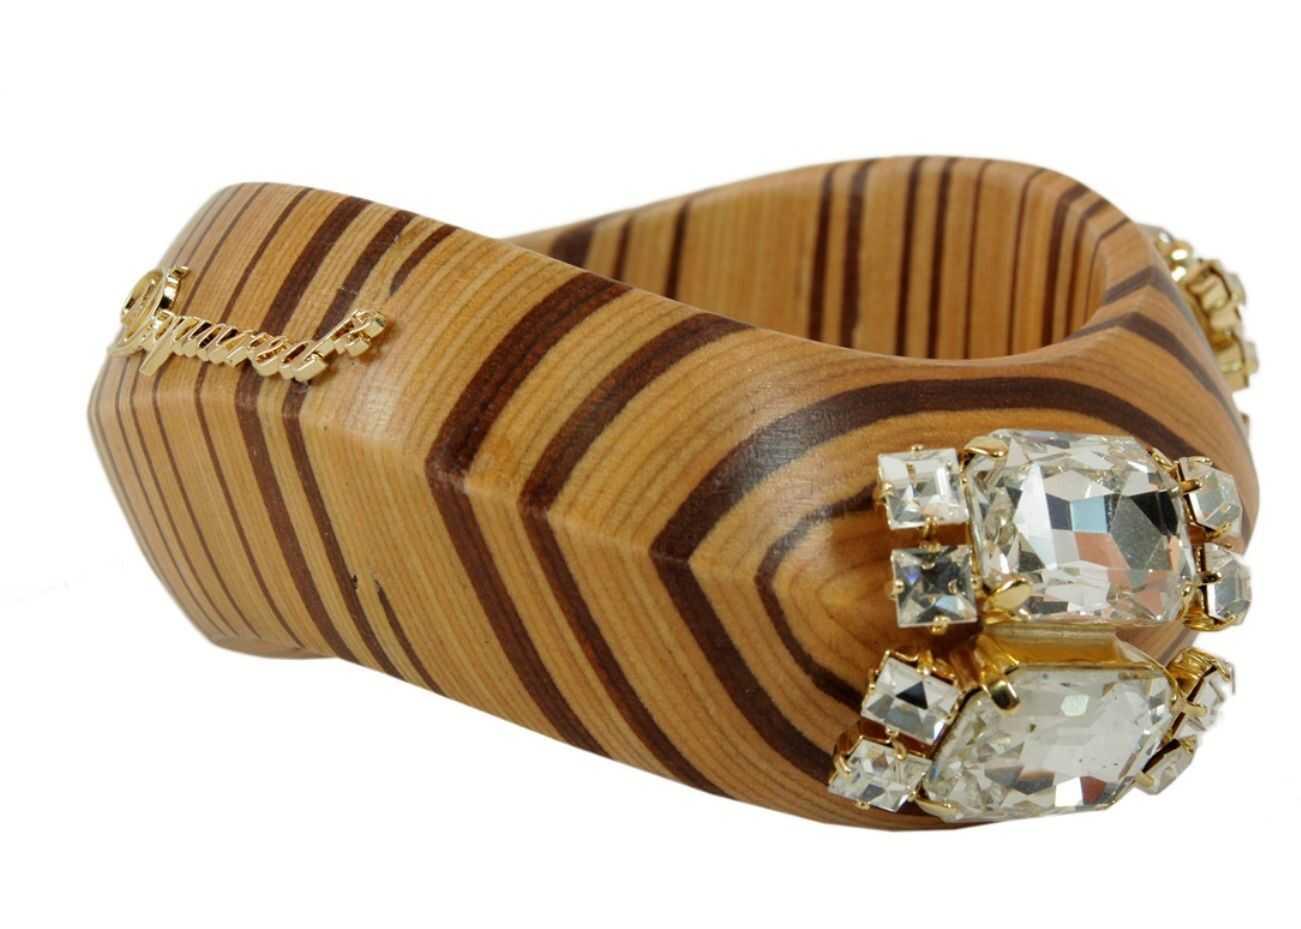 DSQUARED2 Wooden Bracelet BROWN